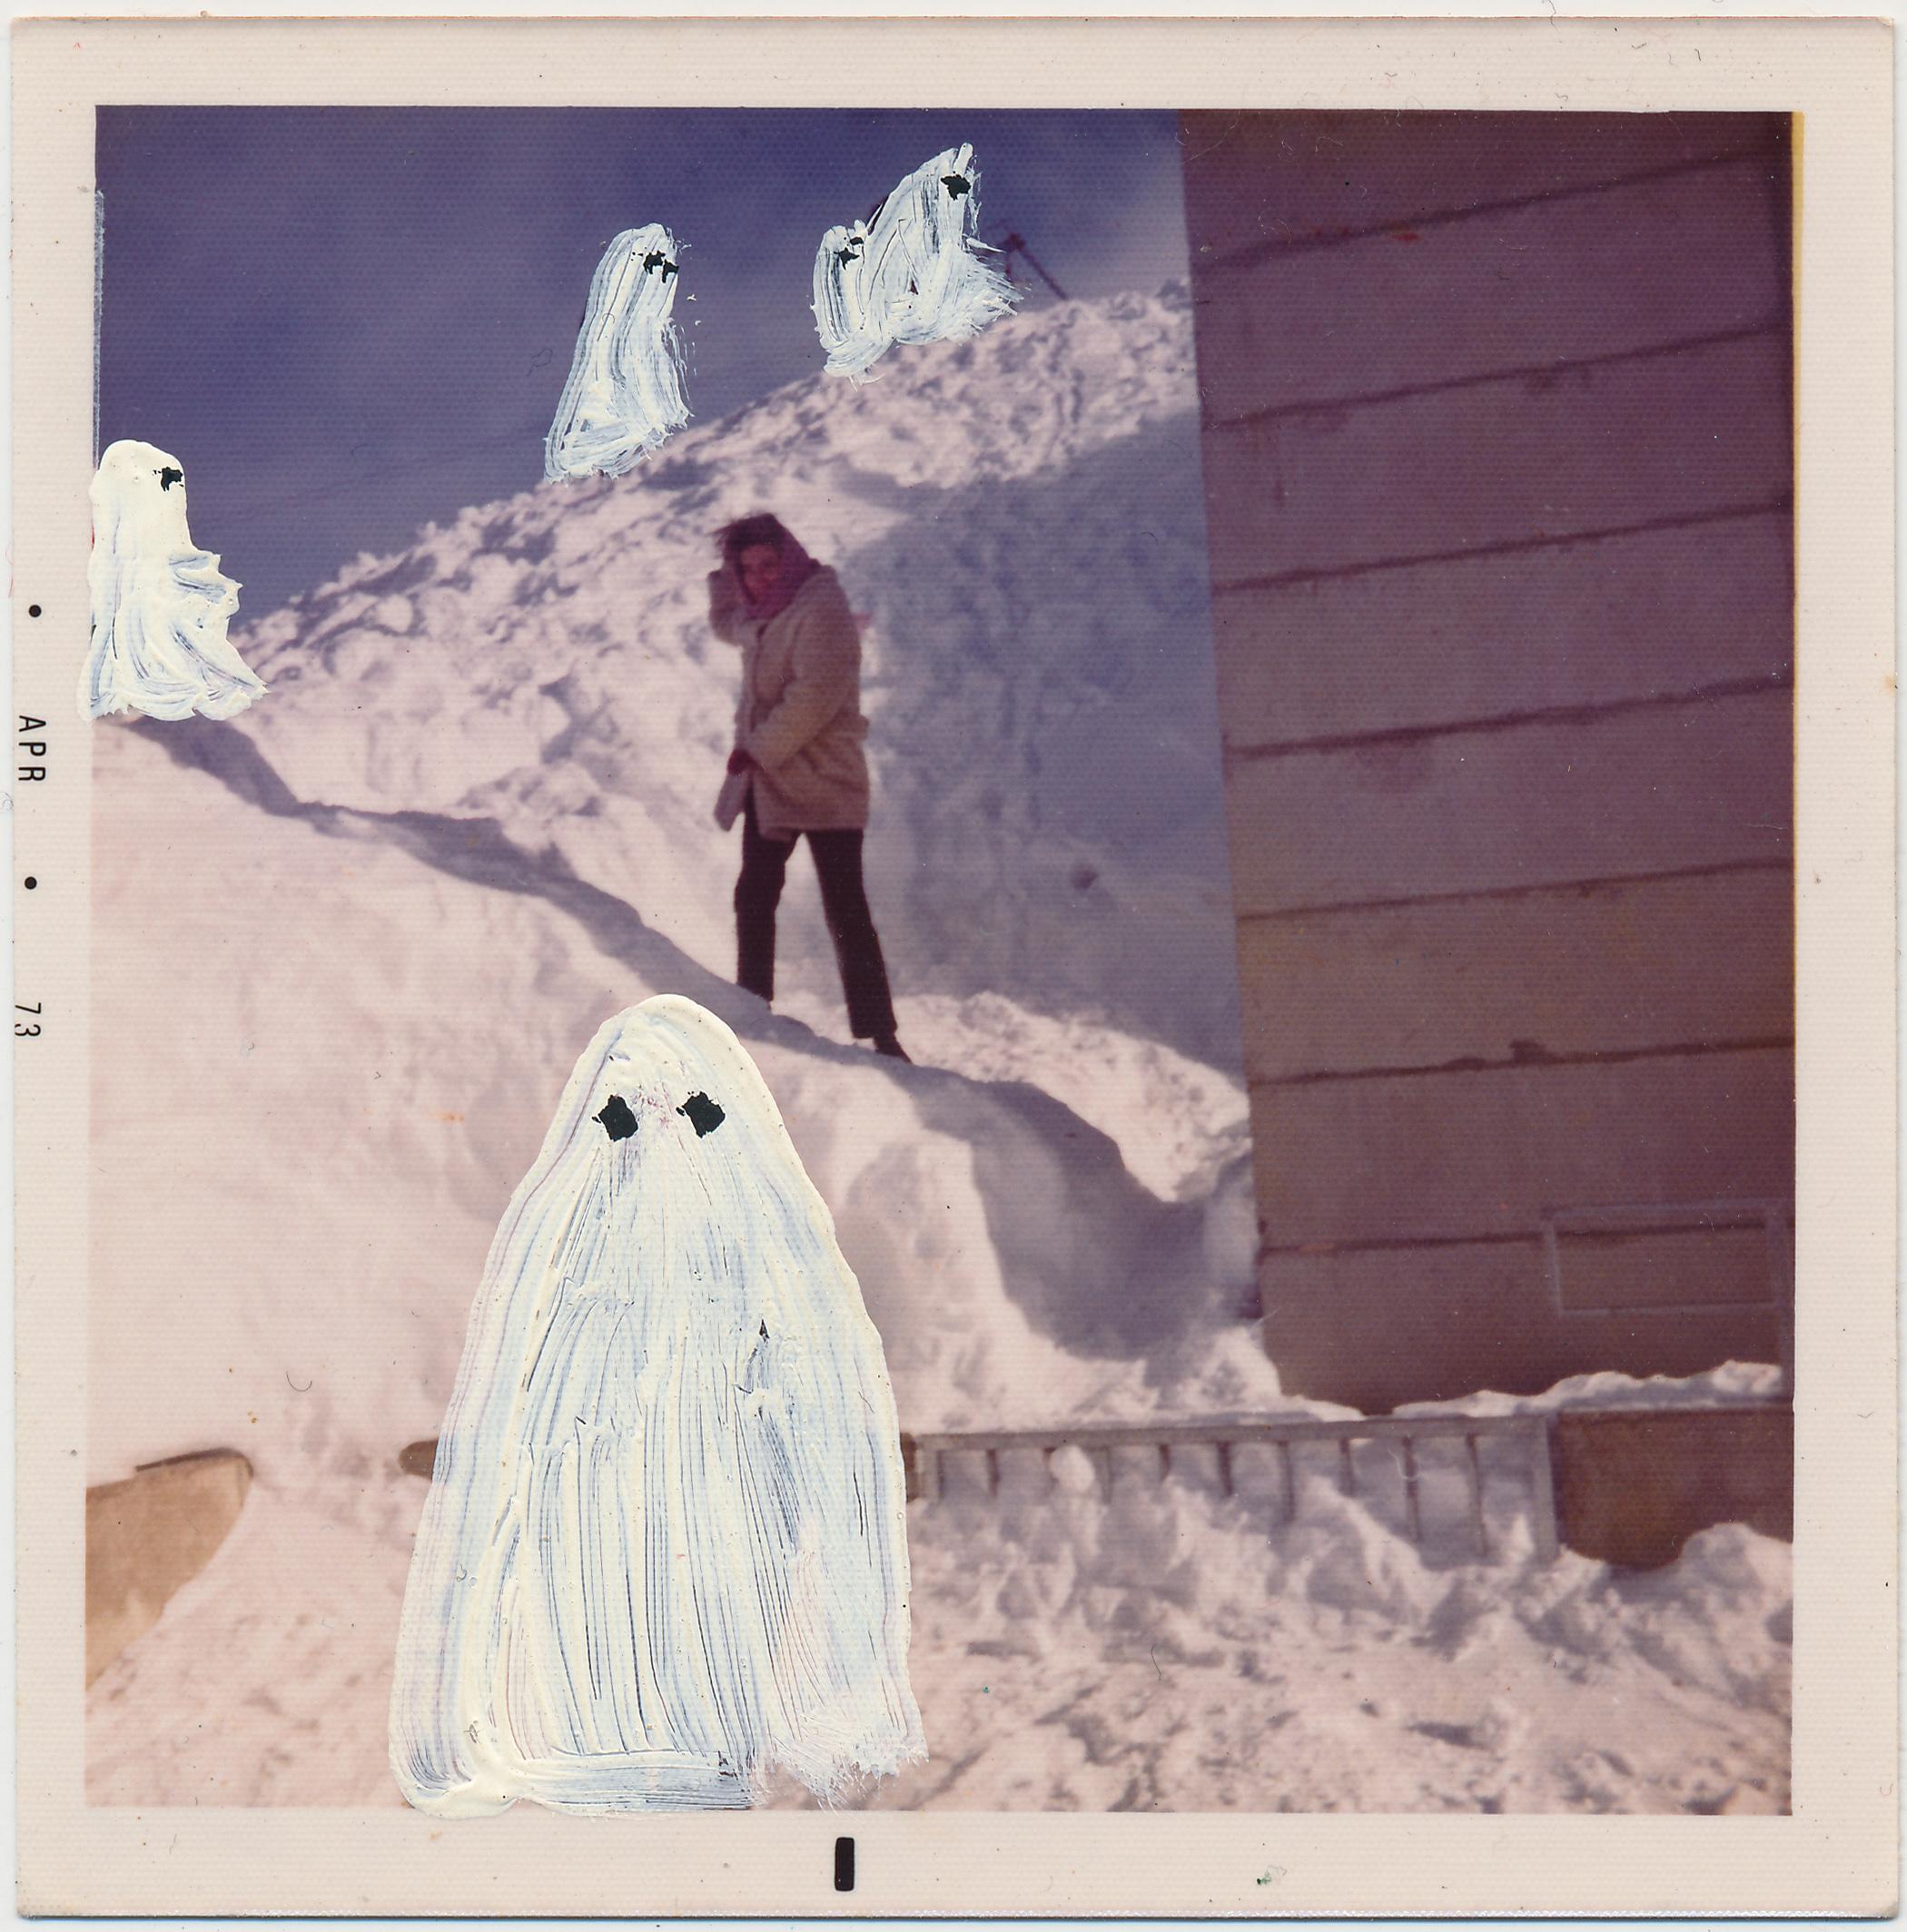 Ghost_2012_060_600.jpg